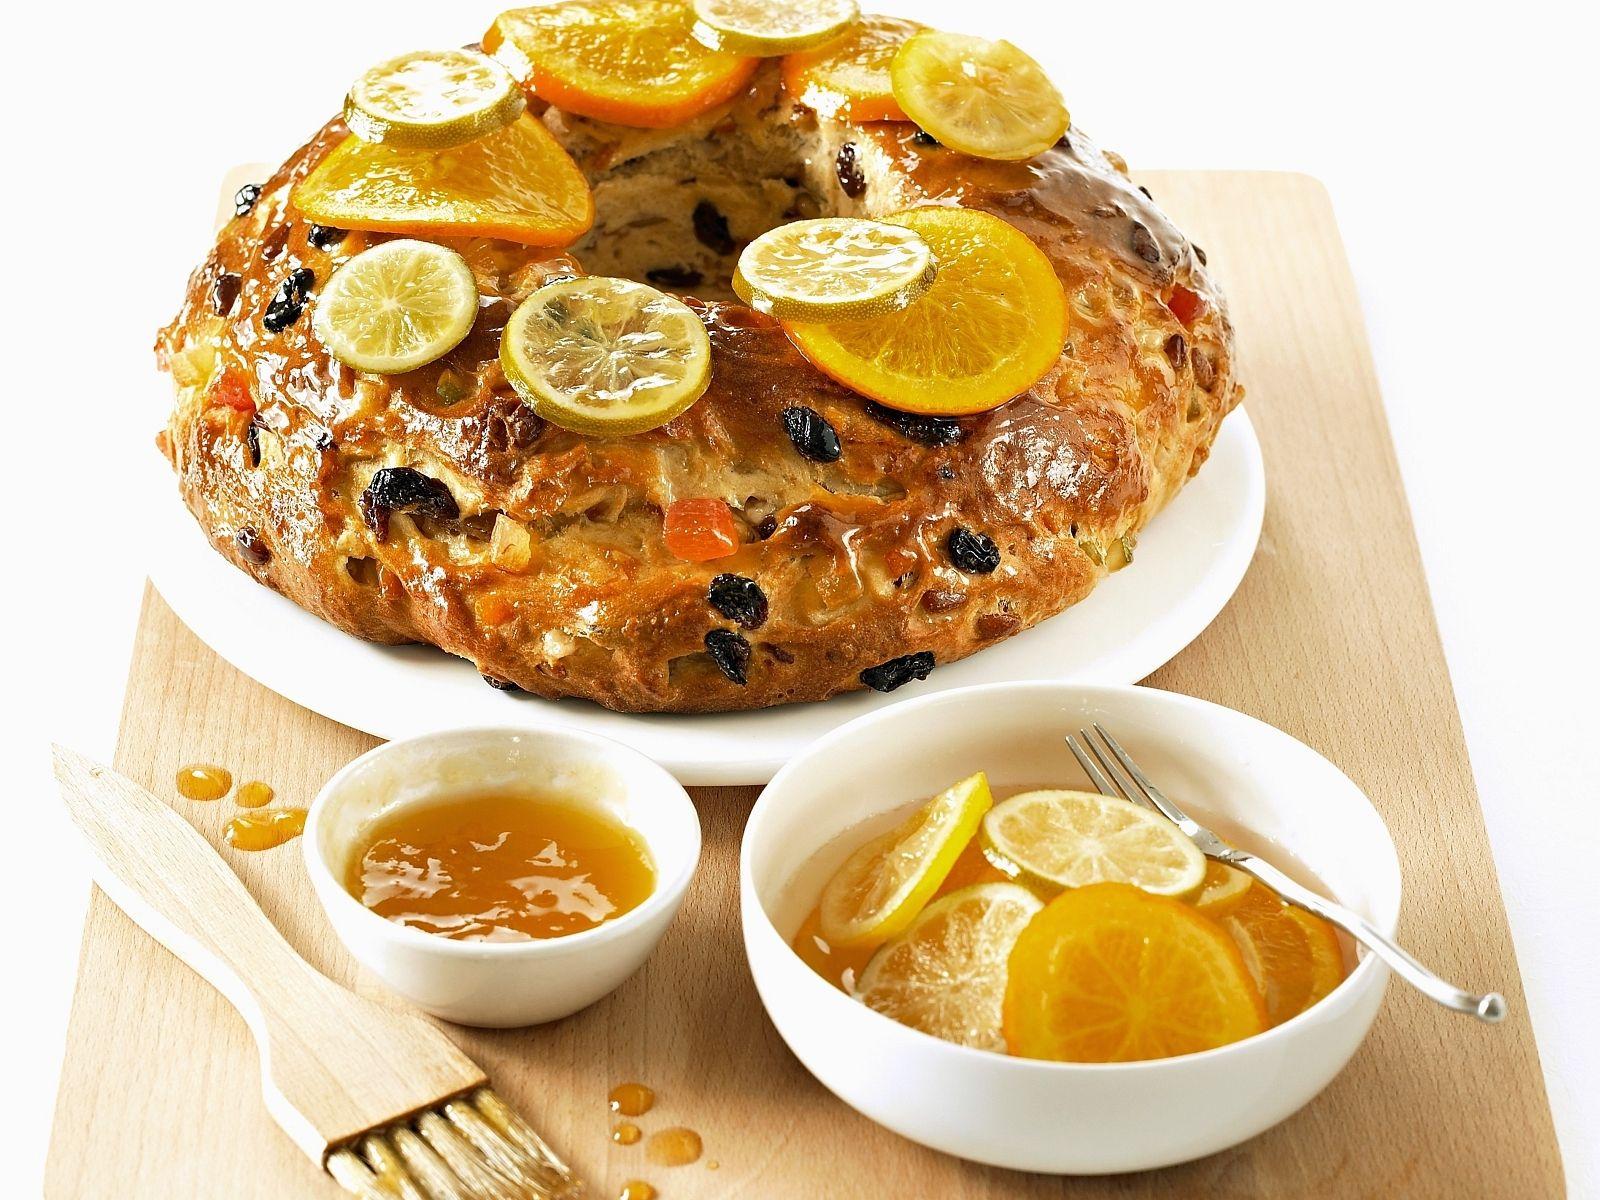 Konigskuchen Auf Portugiesische Art Rezept Konigskuchen Rezepte Konigin Kuchen